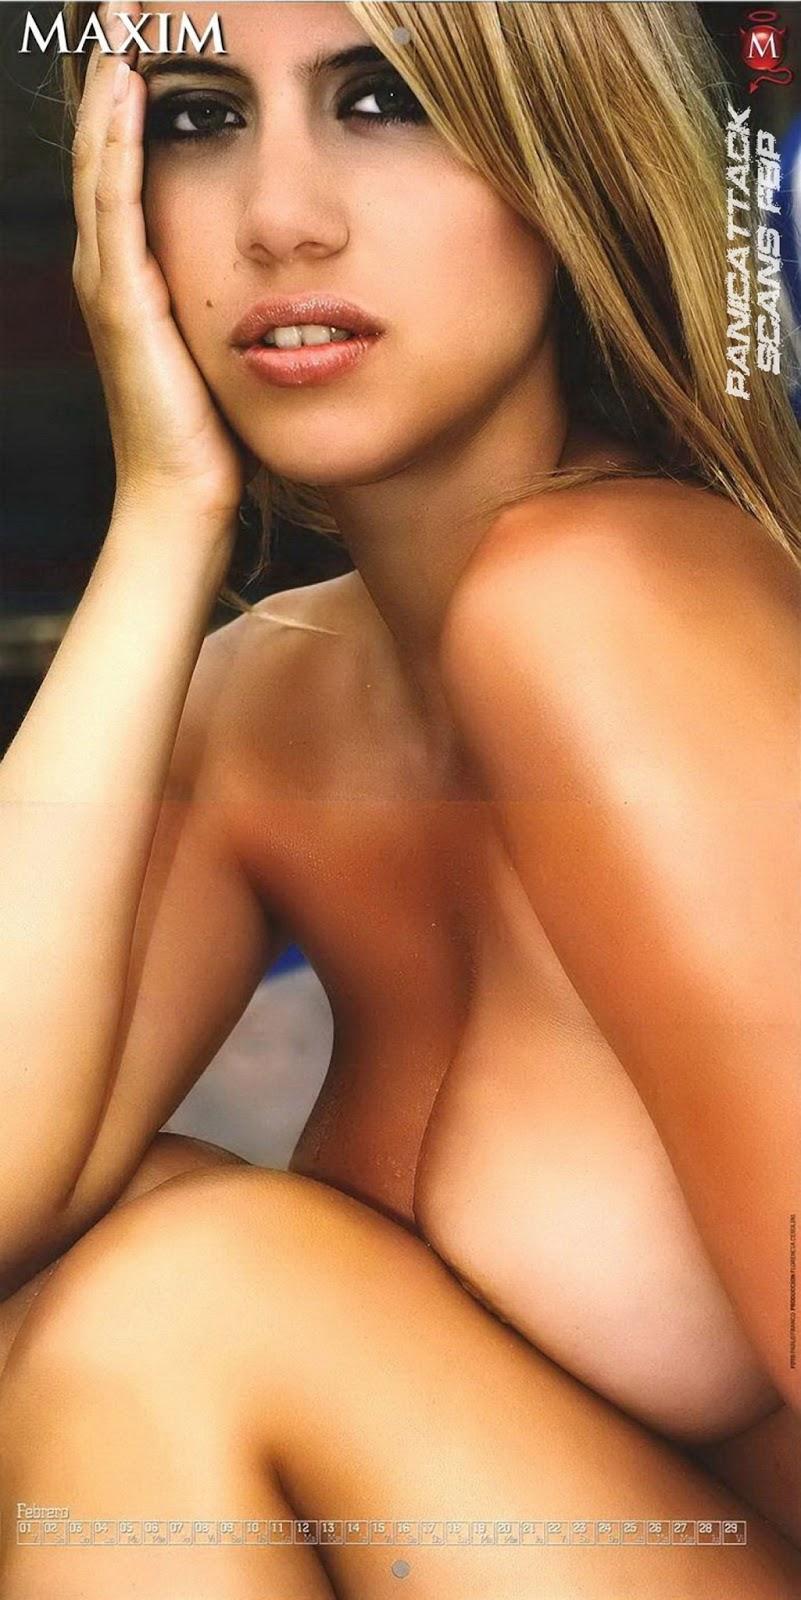 actress porn argentina jpg 422x640